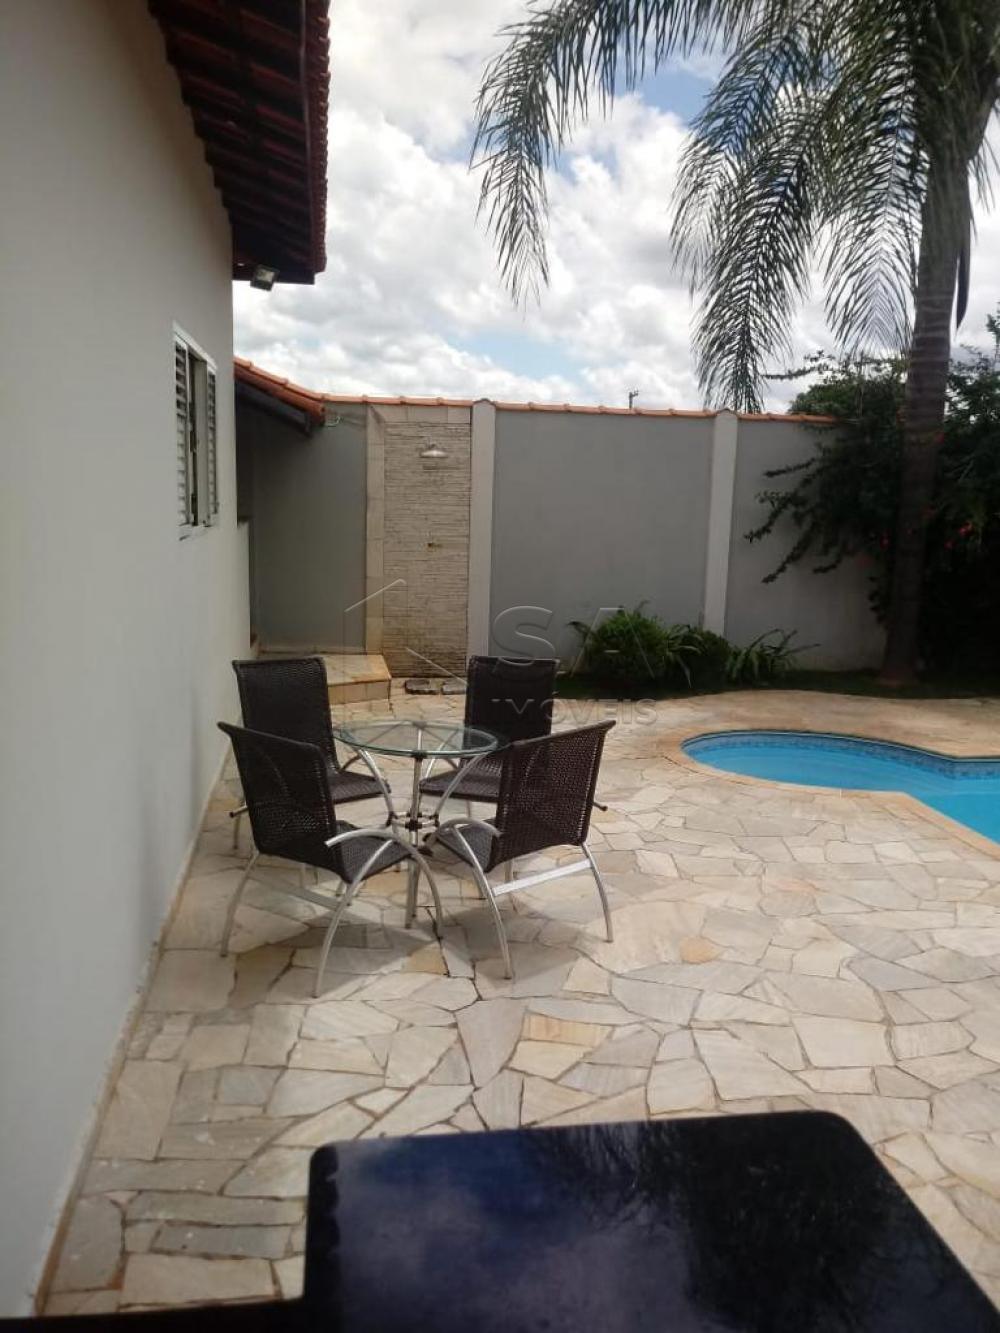 Comprar Casa / Padrão em Botucatu apenas R$ 470.000,00 - Foto 11